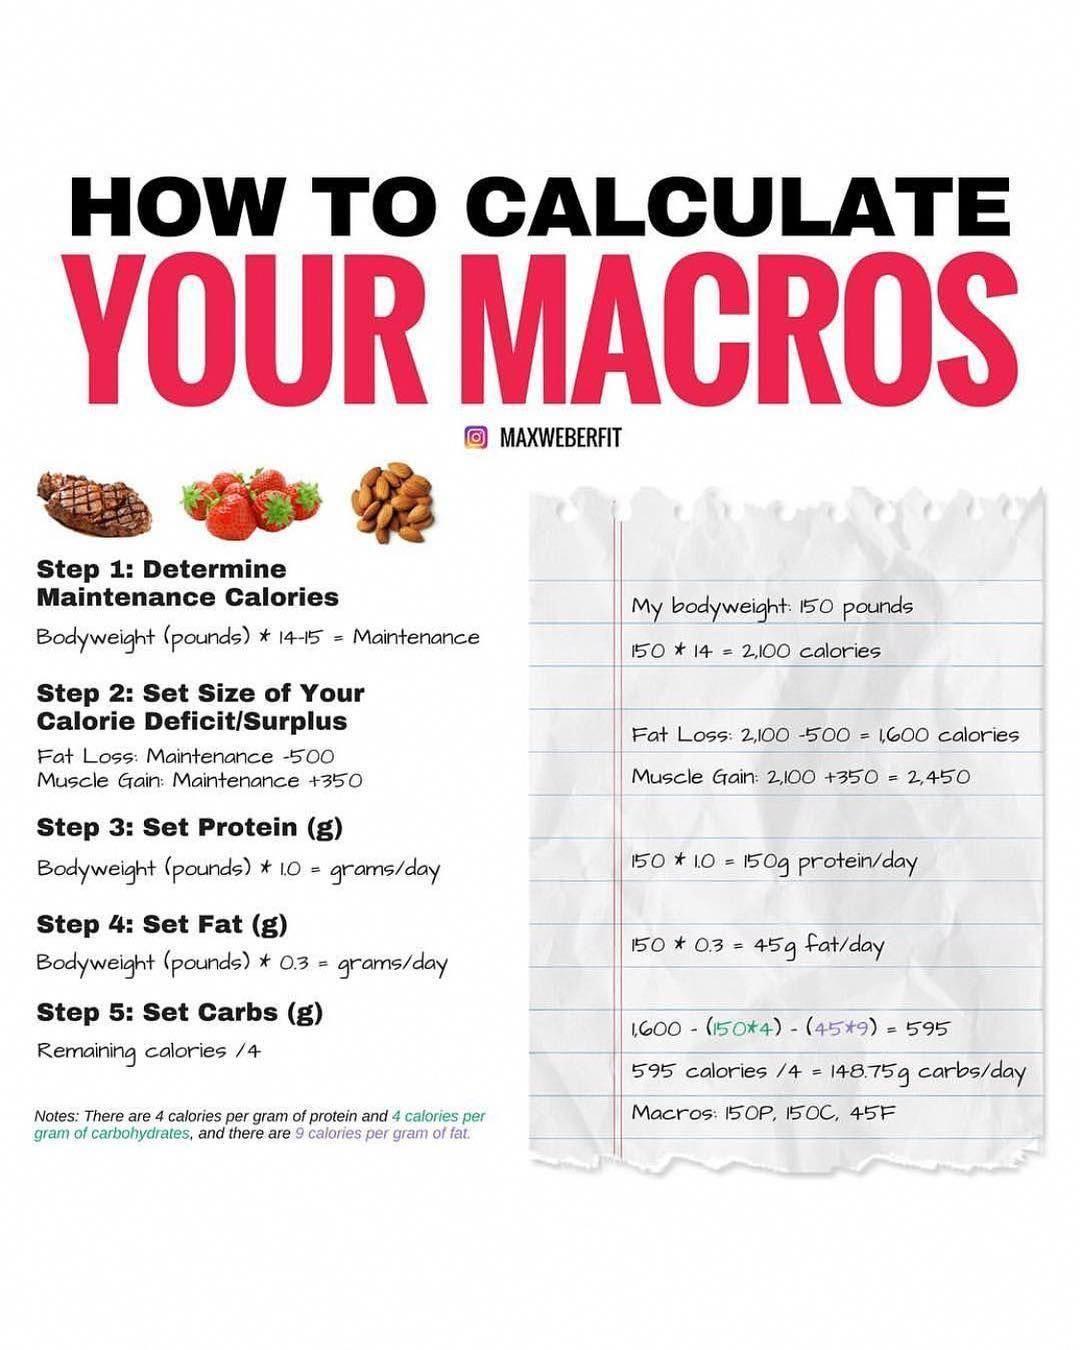 macro diet plan to gain muscle